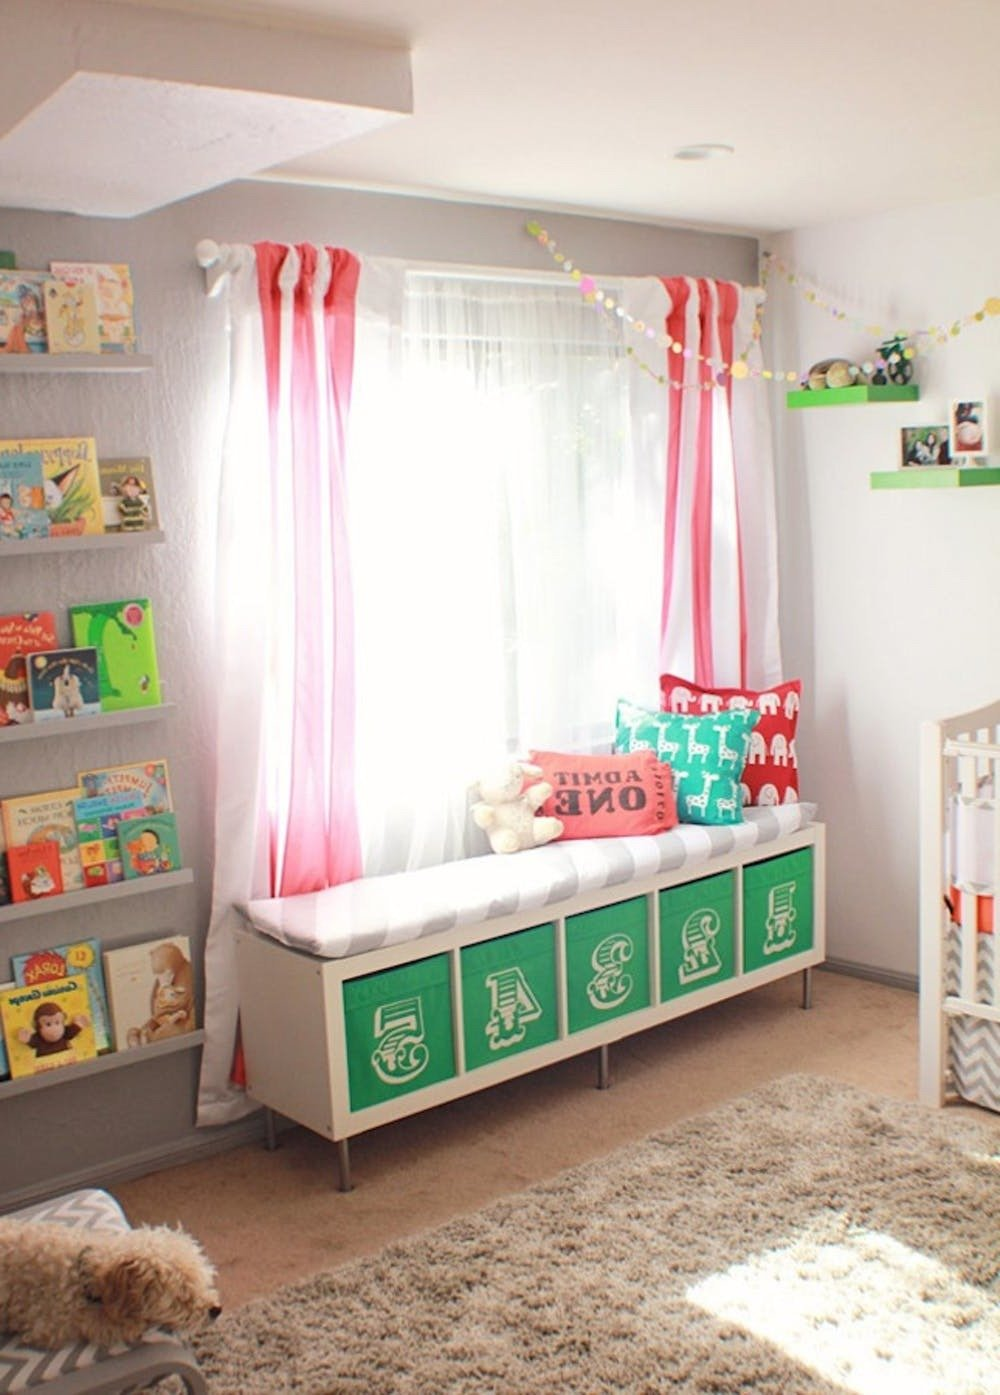 DIY Fenster Couch aus Ikea Schränke - Ikea Besta Regal oder Bücherregal